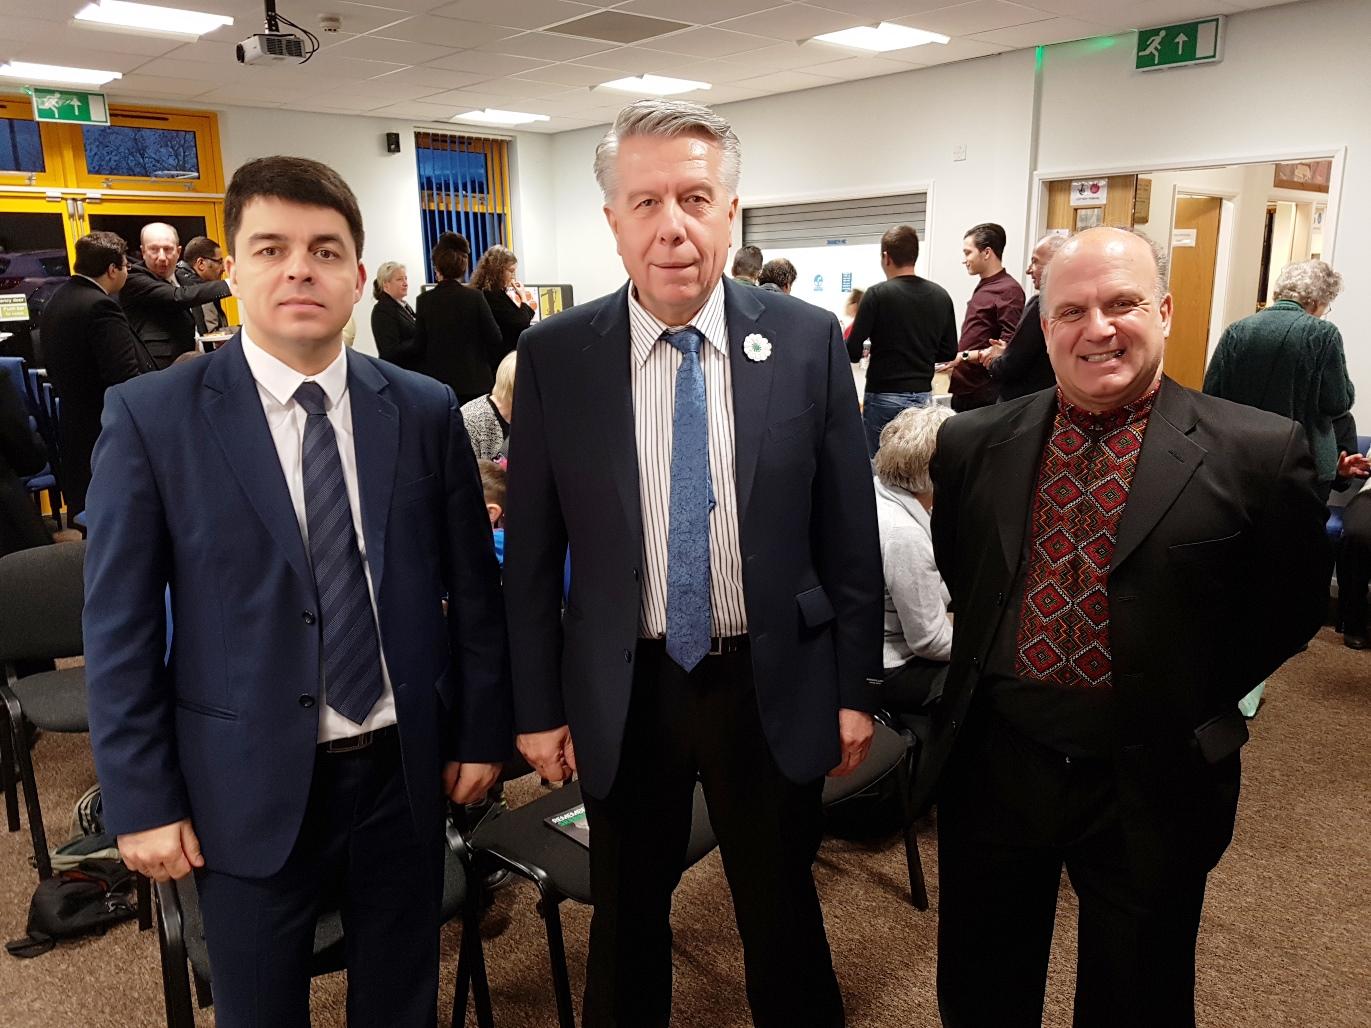 Predstavnik Ambasade Ukraine, Ferid Kevrić  and Joe Kupranec